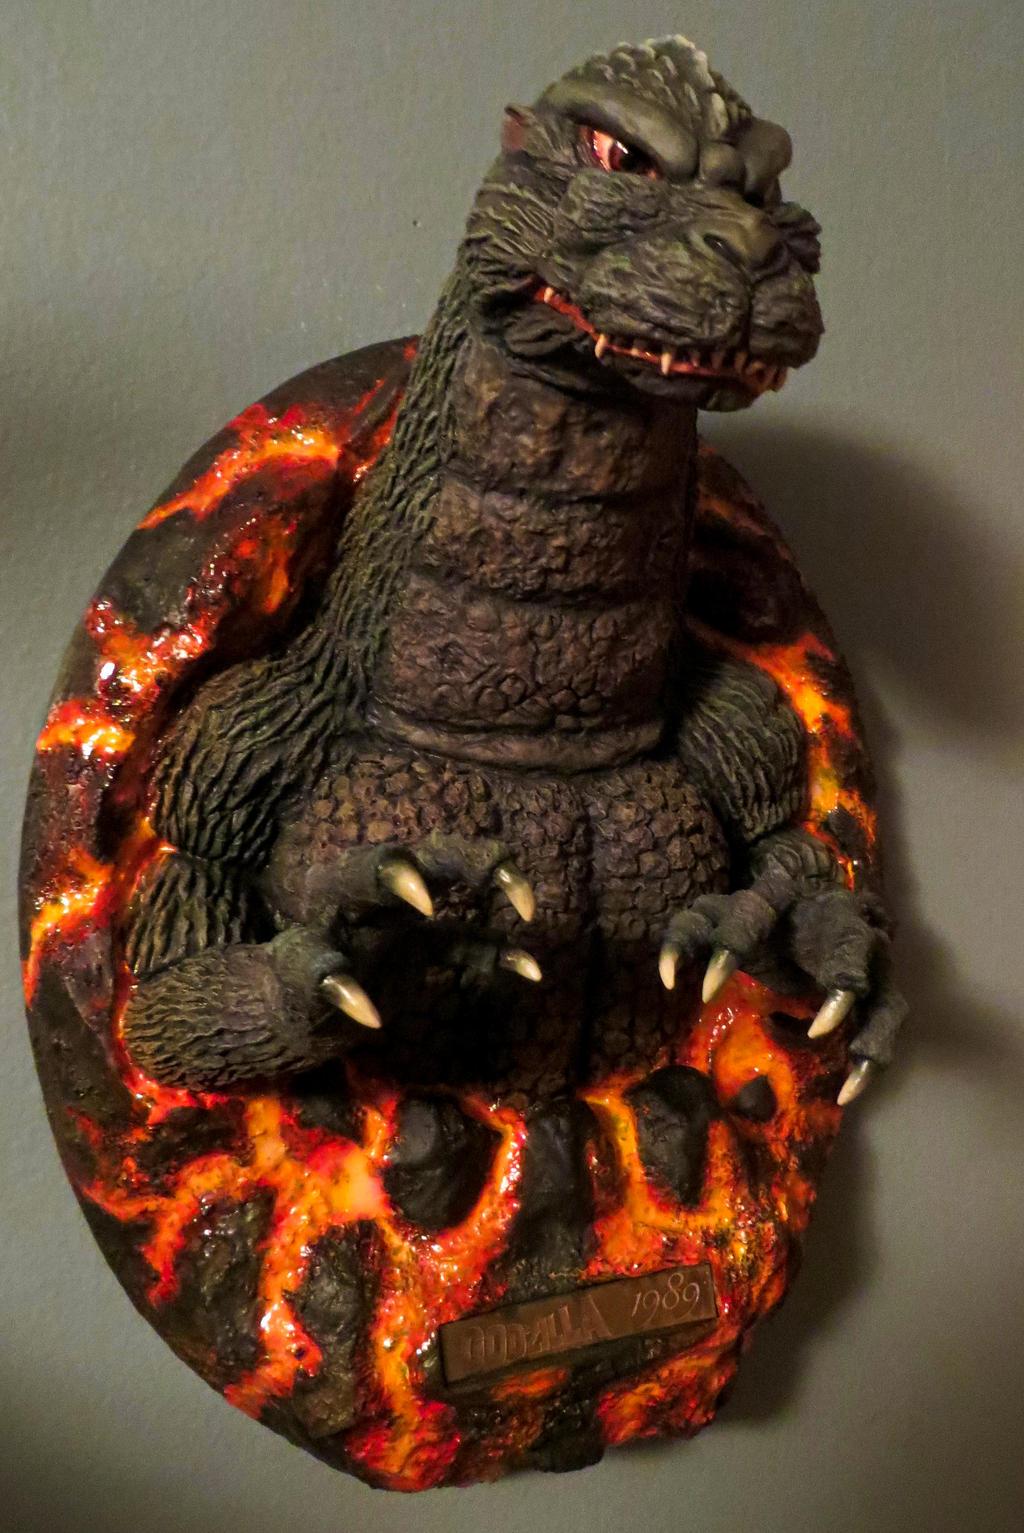 Kyosho Headliner Godzilla 89 by Legrandzilla